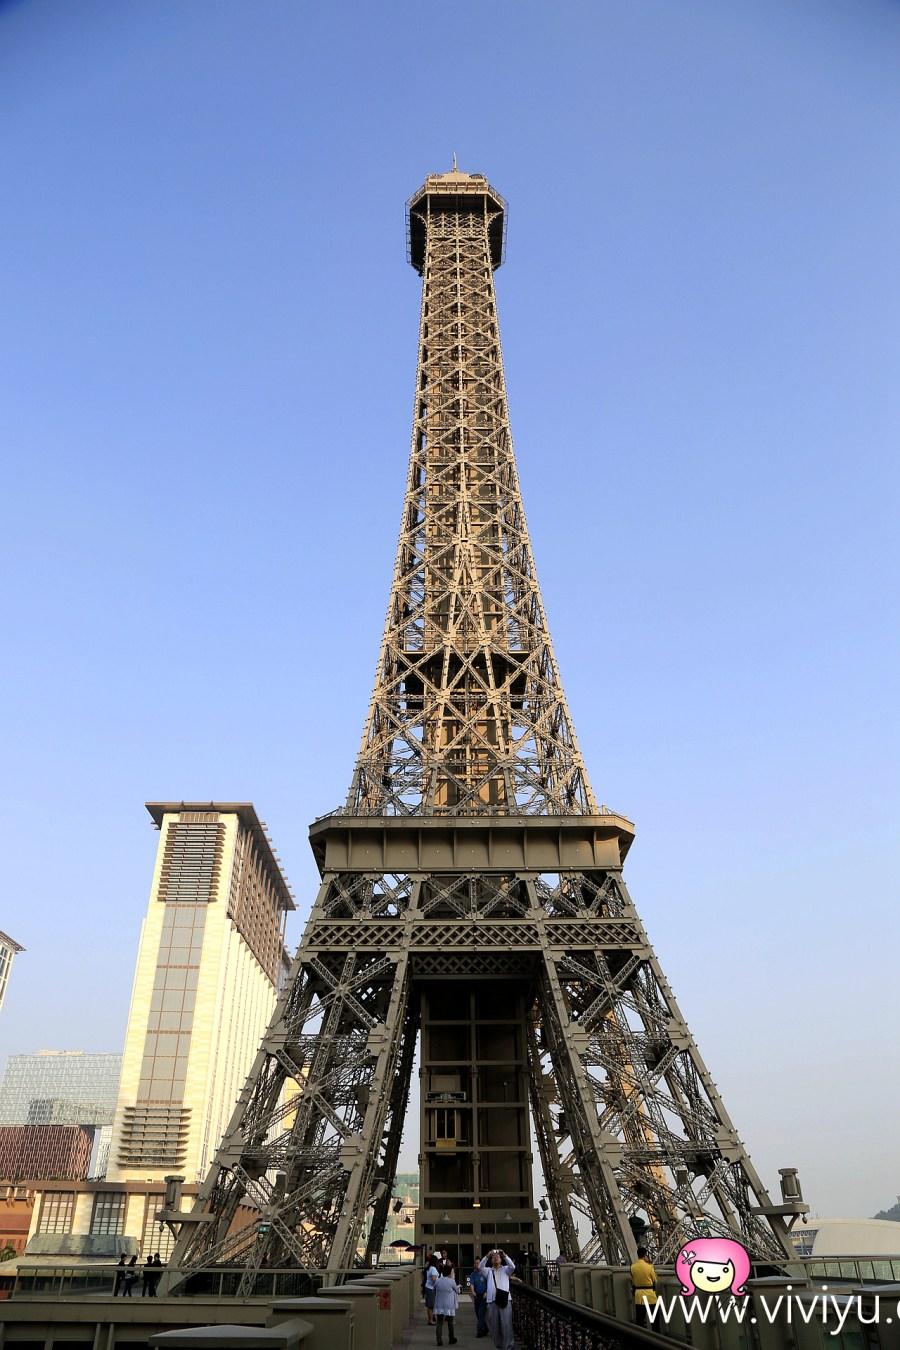 下午茶,巴黎鐵塔,澳門巴黎人,澳門巴黎人鐵塔,澳門旅遊,澳門美食 @VIVIYU小世界